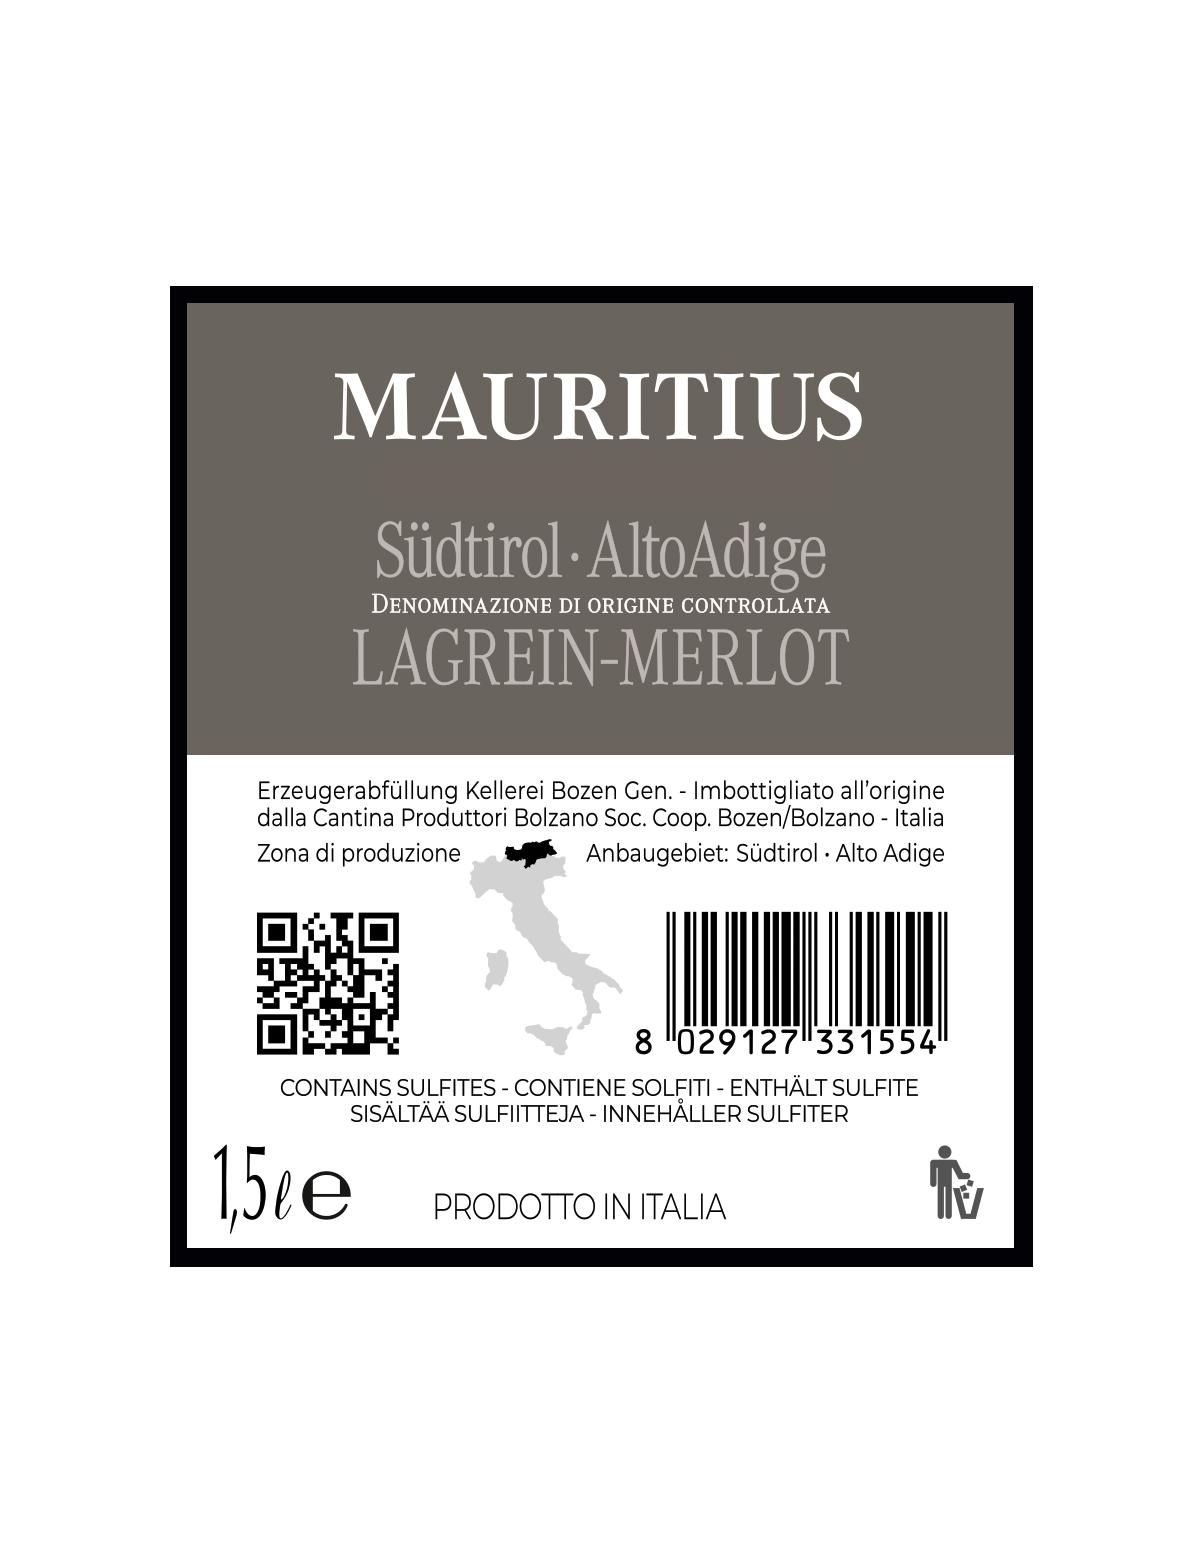 Magnum MAURITIUS LAGREIN-MERLOT Südtirol • Alto Adige DOC 2018